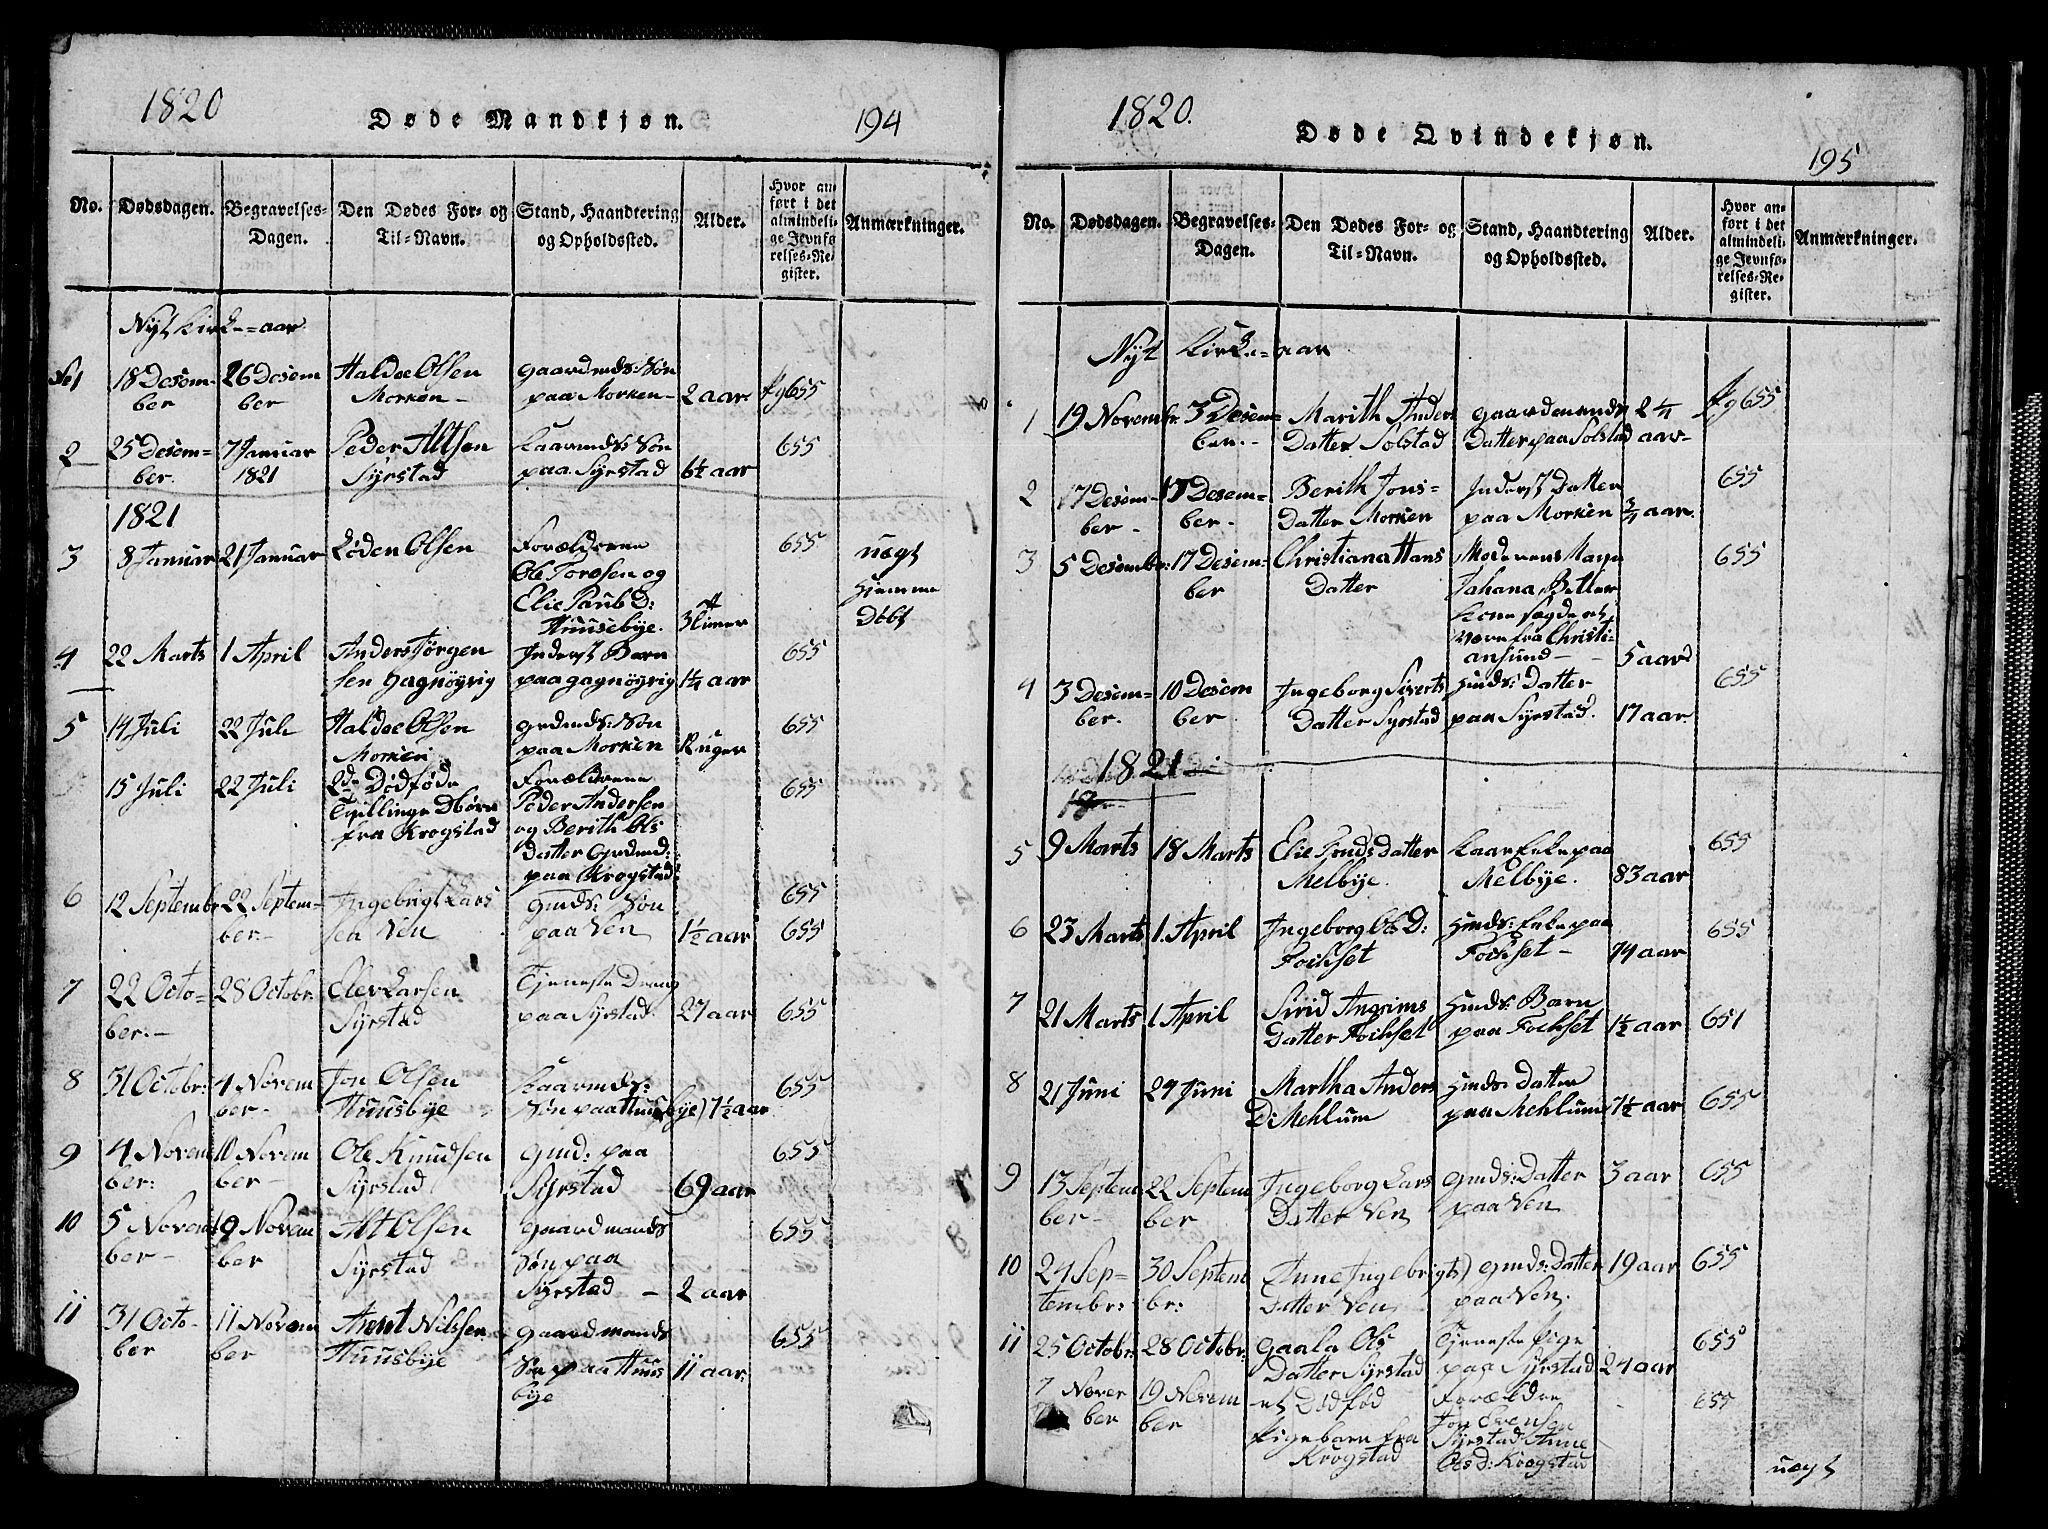 SAT, Ministerialprotokoller, klokkerbøker og fødselsregistre - Sør-Trøndelag, 667/L0796: Klokkerbok nr. 667C01, 1817-1836, s. 194-195